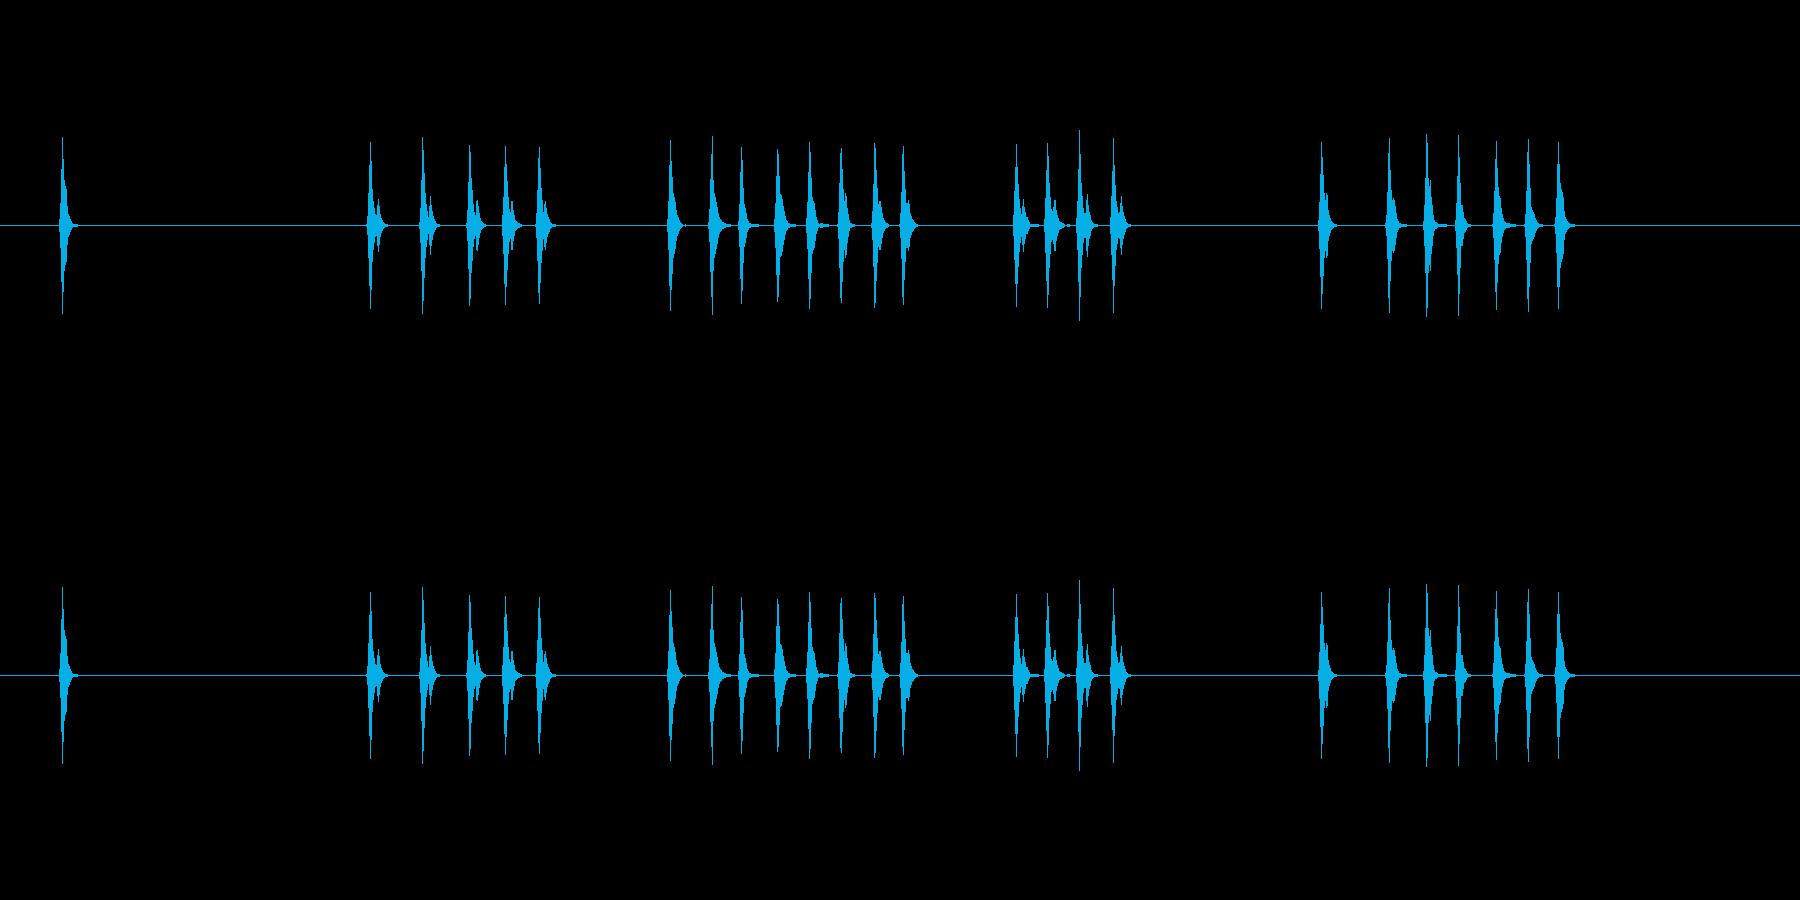 ユーザーインターフェイス音 キー入力の再生済みの波形